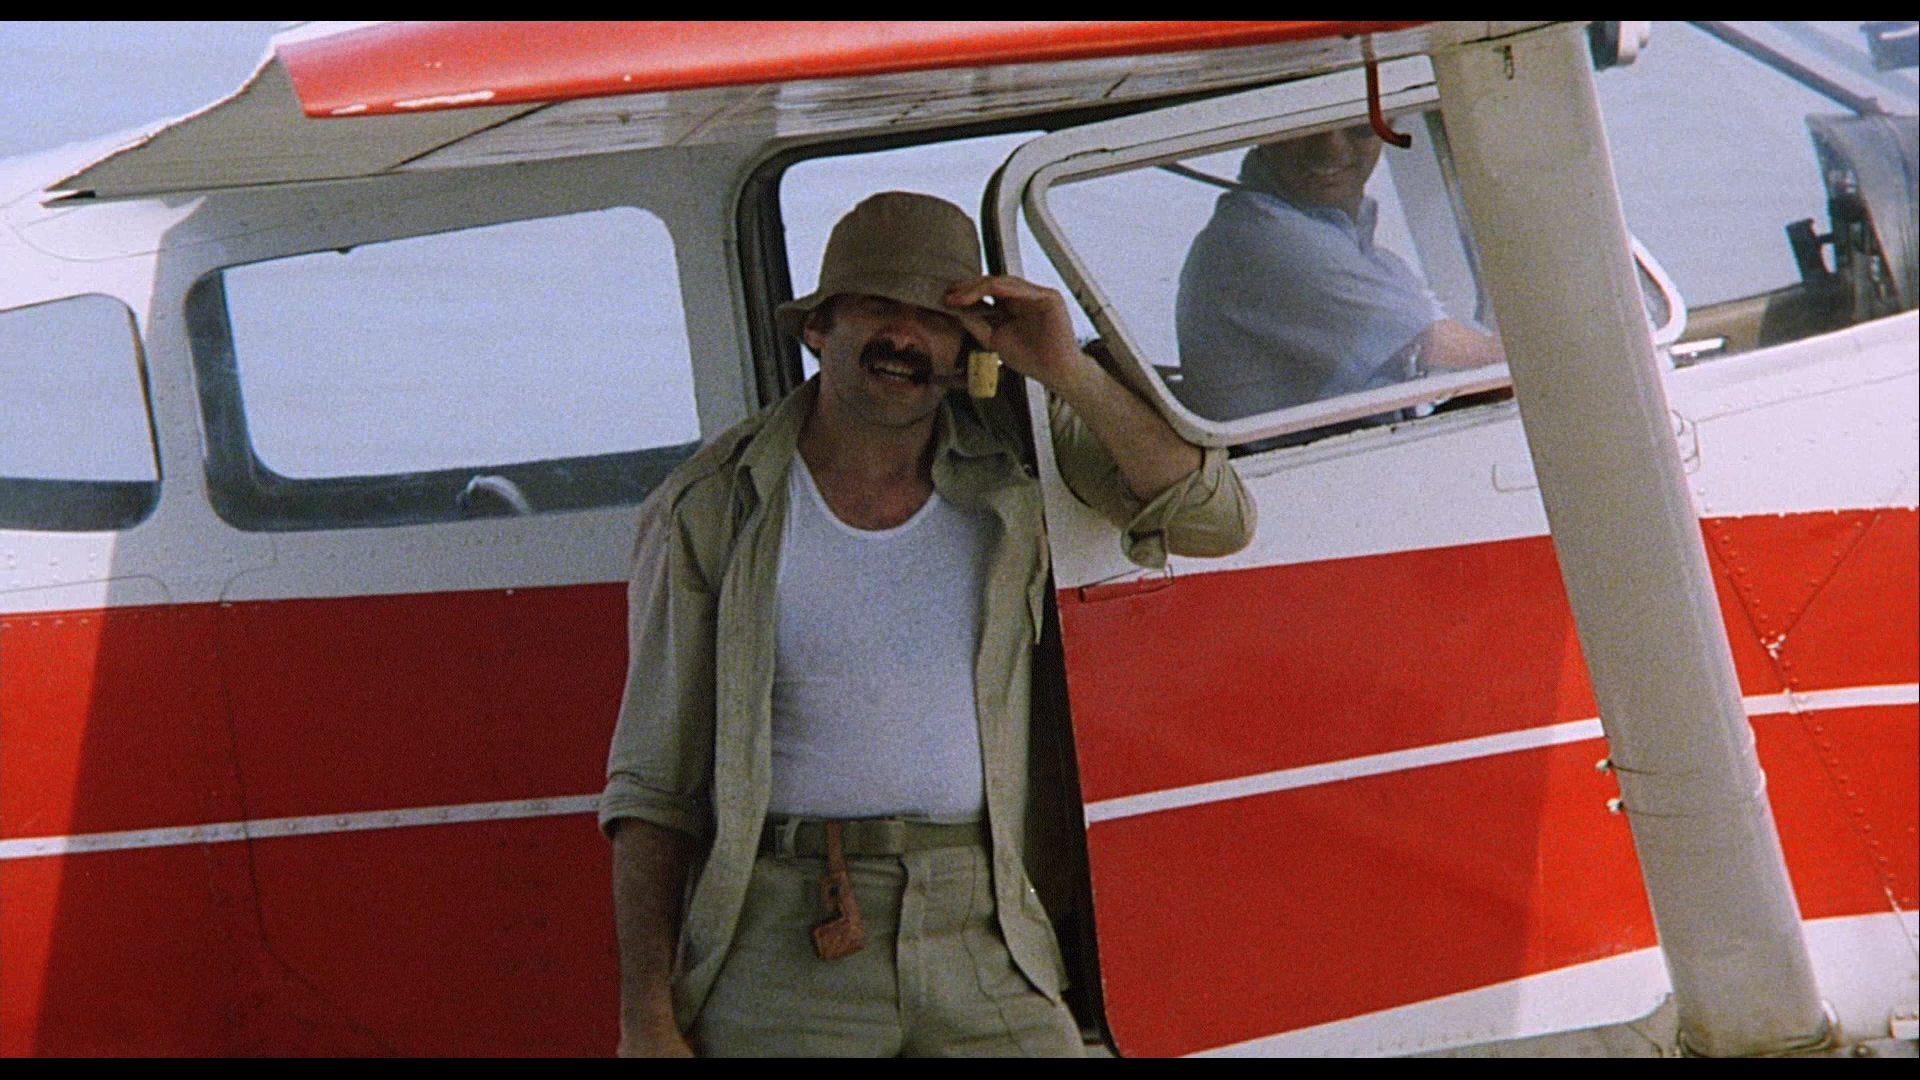 http://sinsofcinema.com/Images/Asylum-I-Want-to-be-a-Gangster/Asylum-I-Want-to-be-a-Gangster-DVD.jpg